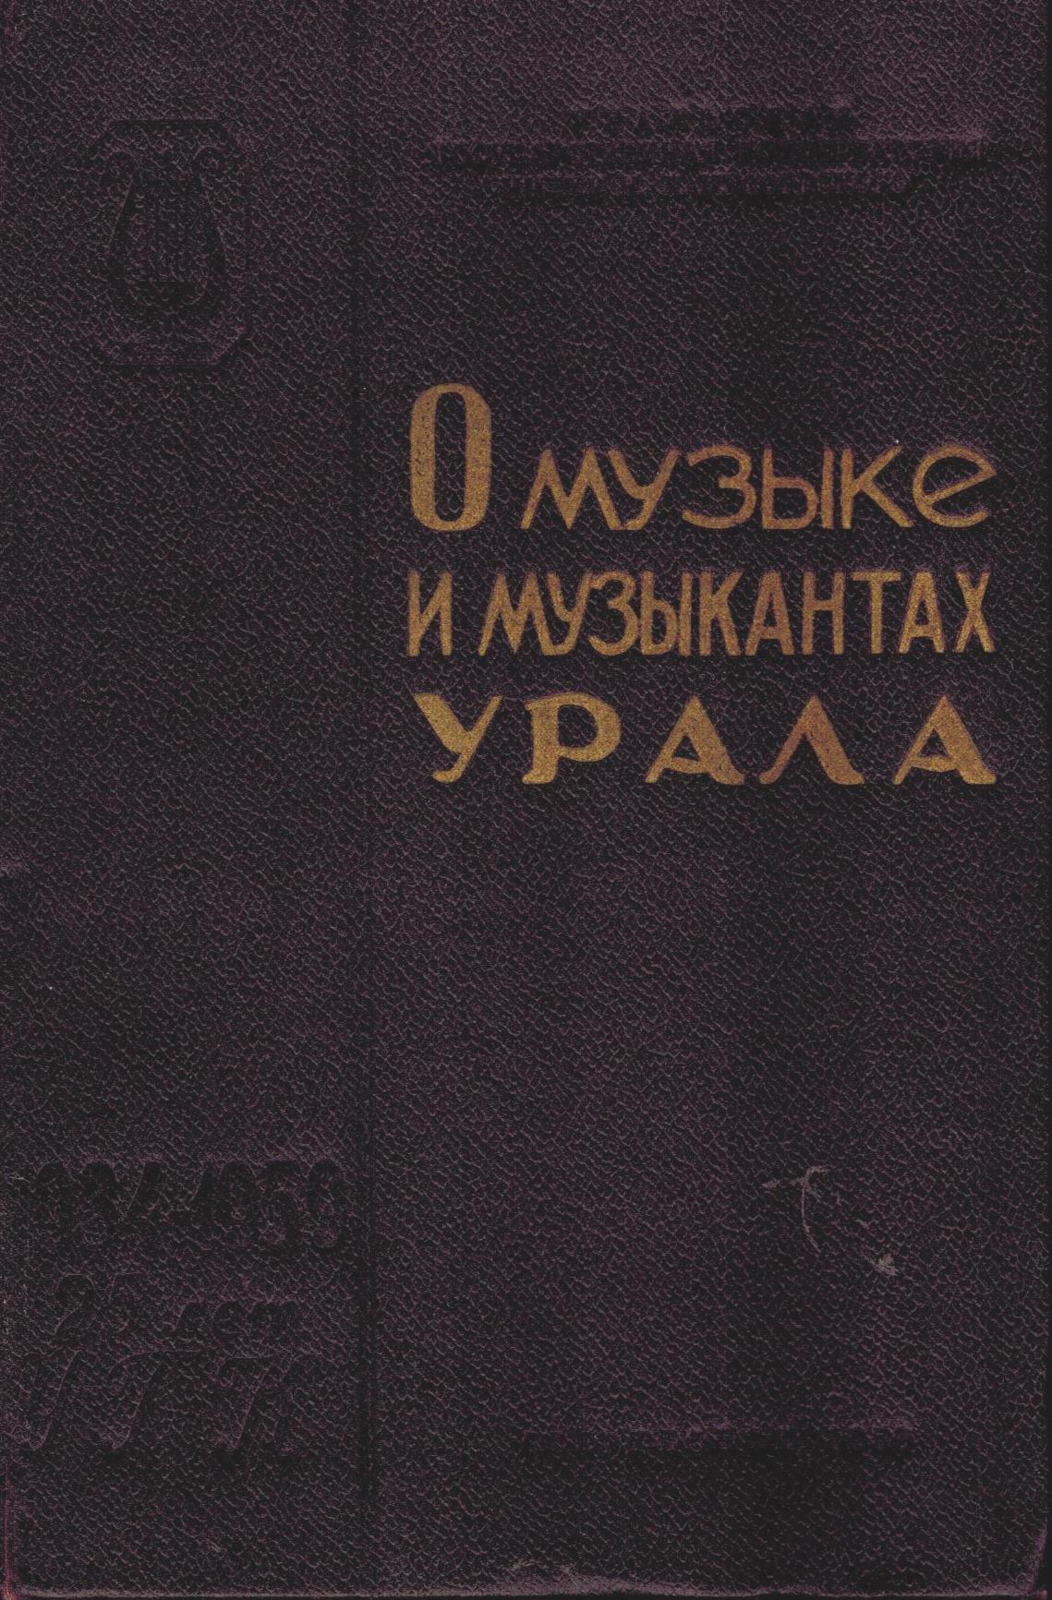 О музыке и музыкантах Урала